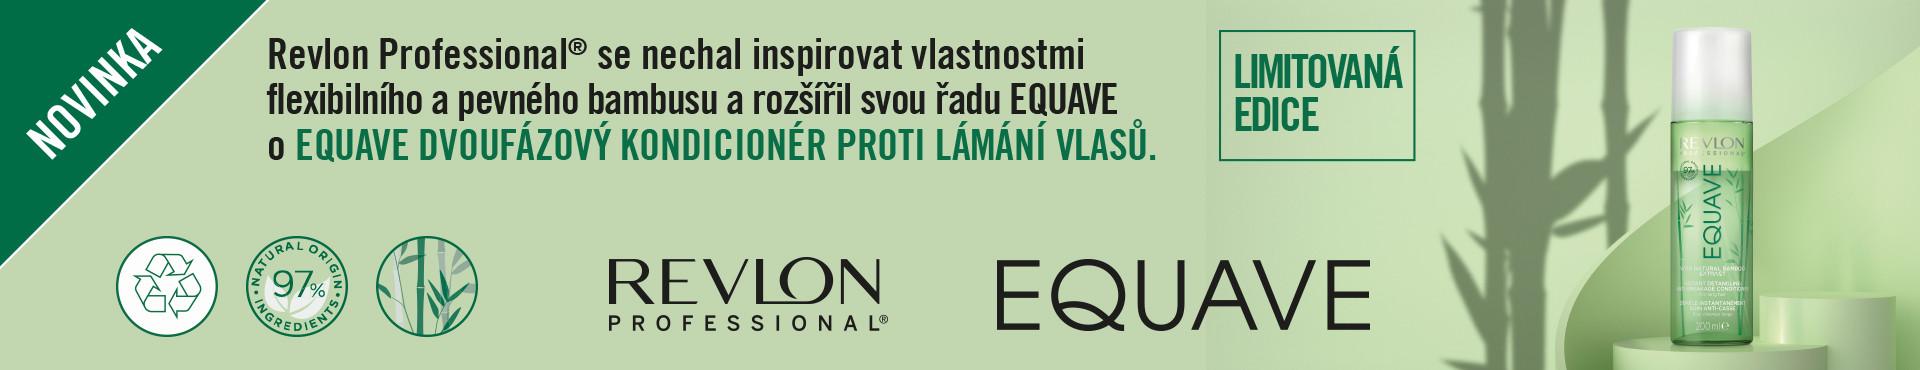 Banner Equave 2020